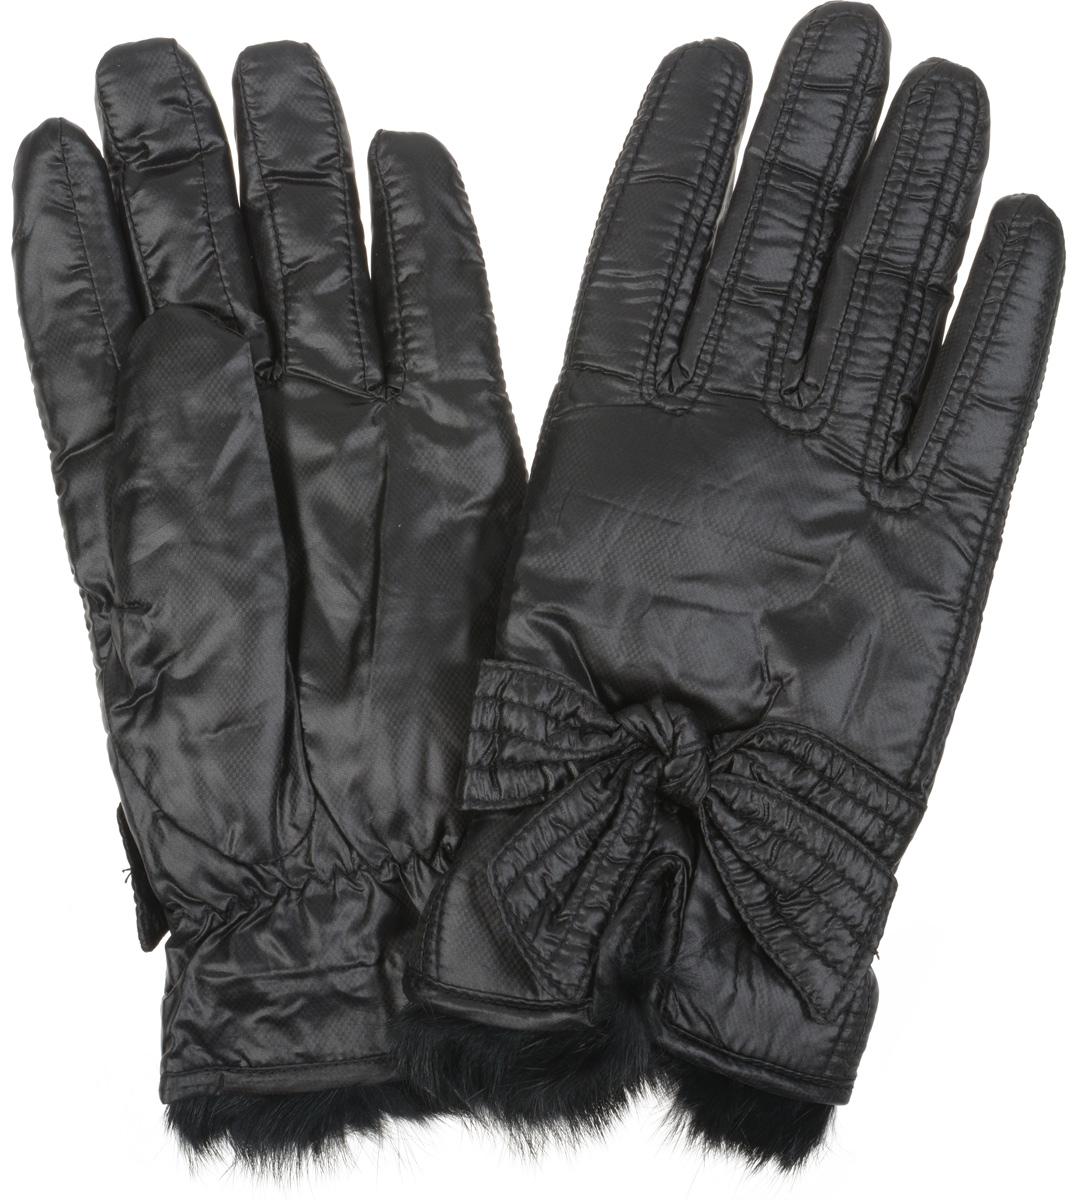 Перчатки женские. SD13SD13Прекрасные теплые женские перчатки торговой марки Modo - незаменимый аксессуар зимнего гардероба. Модель выполнена из полиэстера с мягкой флисовой подкладкой и отделкой из меха кролика. На лицевой стороне перчатки у запястья расположен разрез. Декорированы перчатки узлом в виде бантика и дополнены стягивающей резинкой у запястья. Великолепные перчатки Modo не только согреют пальчики, но и дополнят ваш образ в качестве эффектного аксессуара.